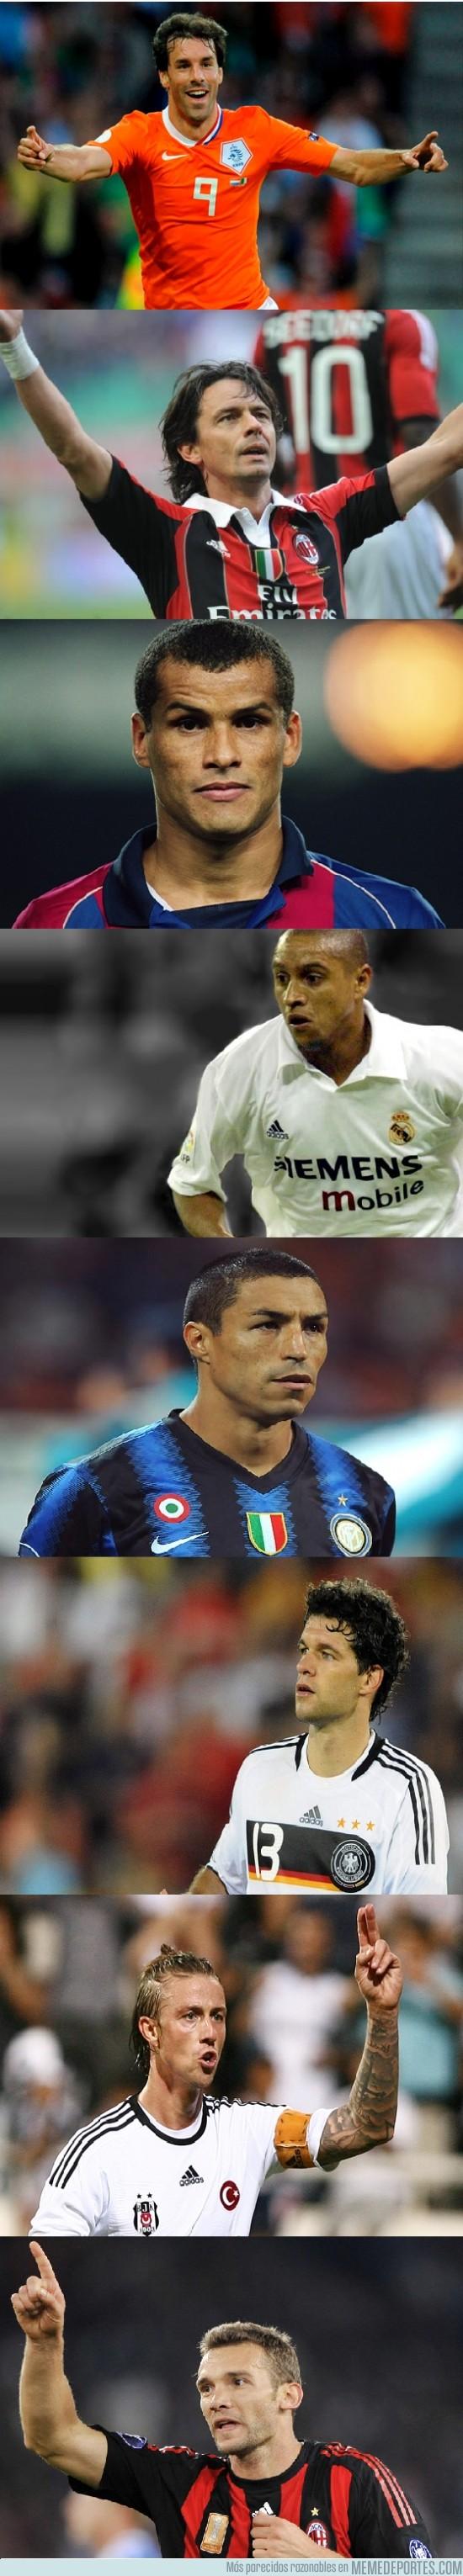 56623 - Tributo a las leyendas que han dejado el fútbol en 2012